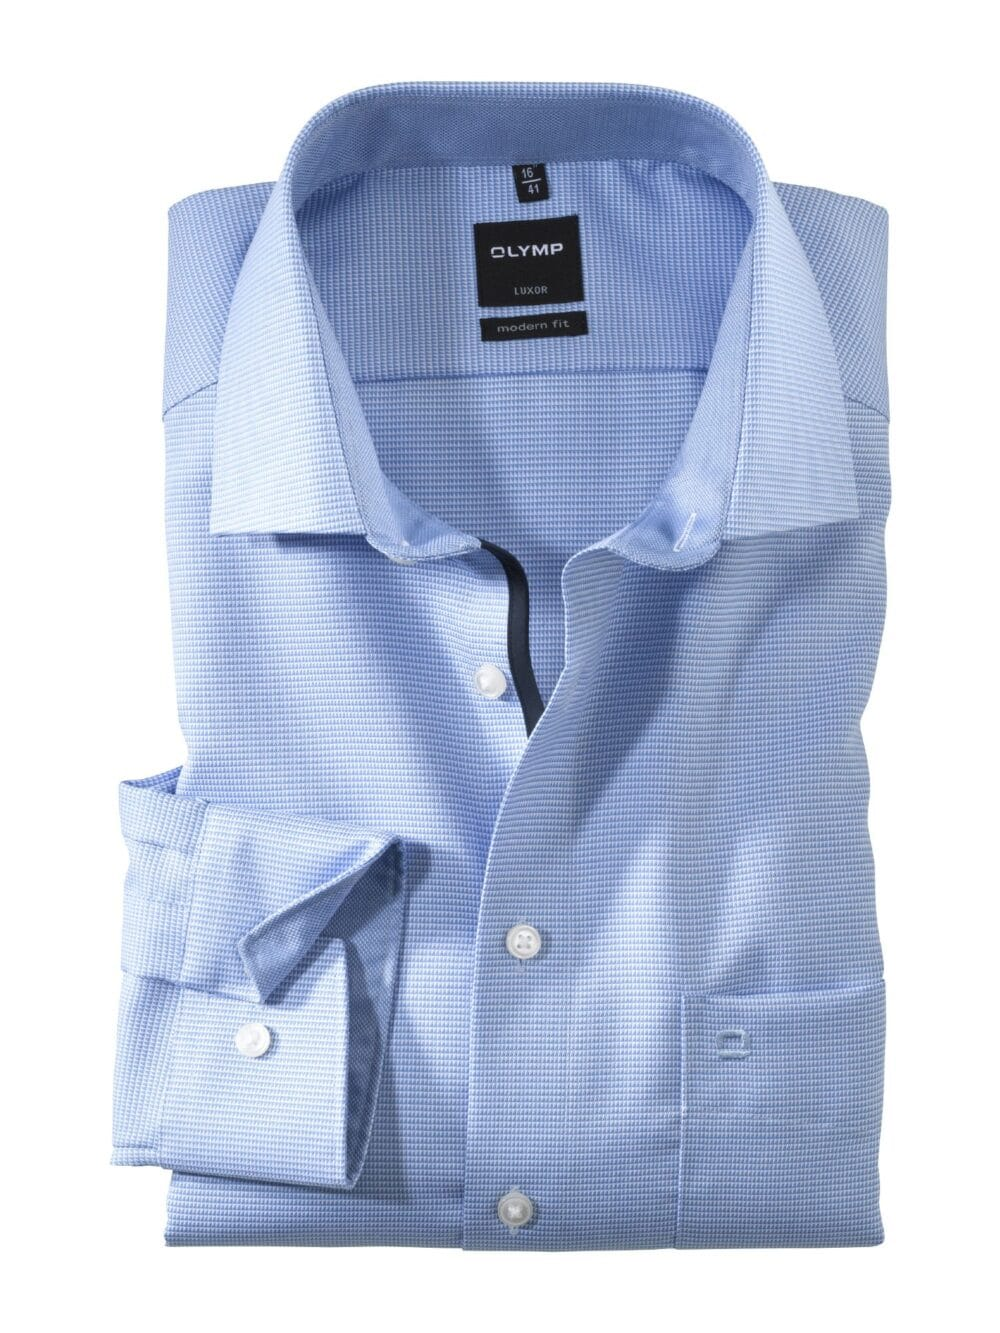 Olymp Luxor Skjorte 0424-64-11 Lyseblå